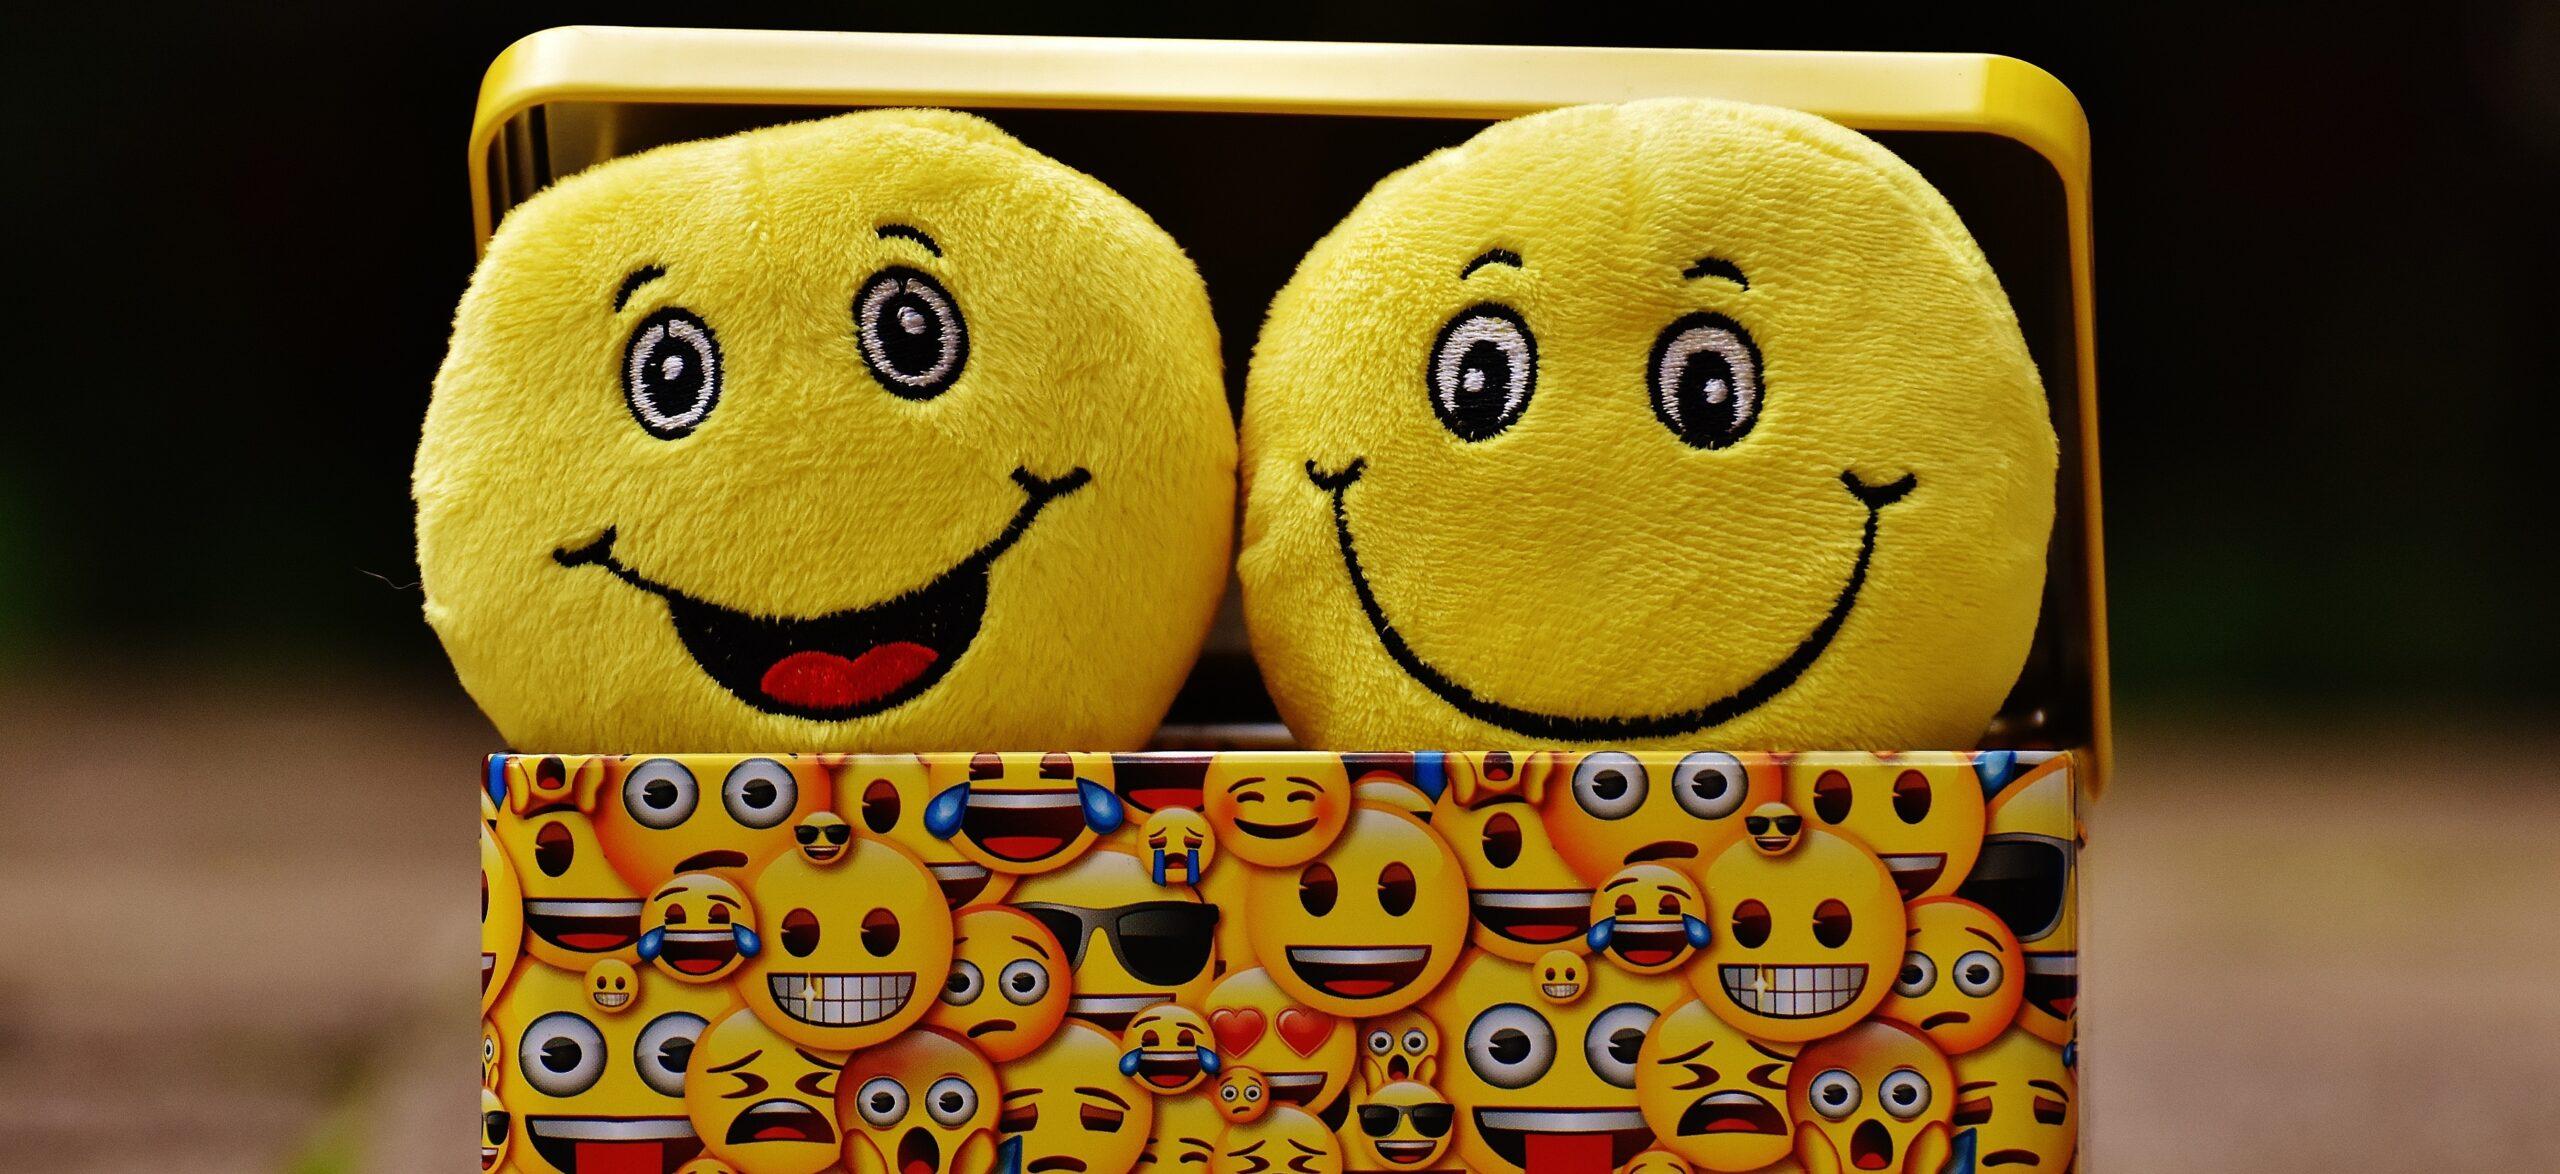 la retorica: l'arte del parlare per raggiungere la felicità